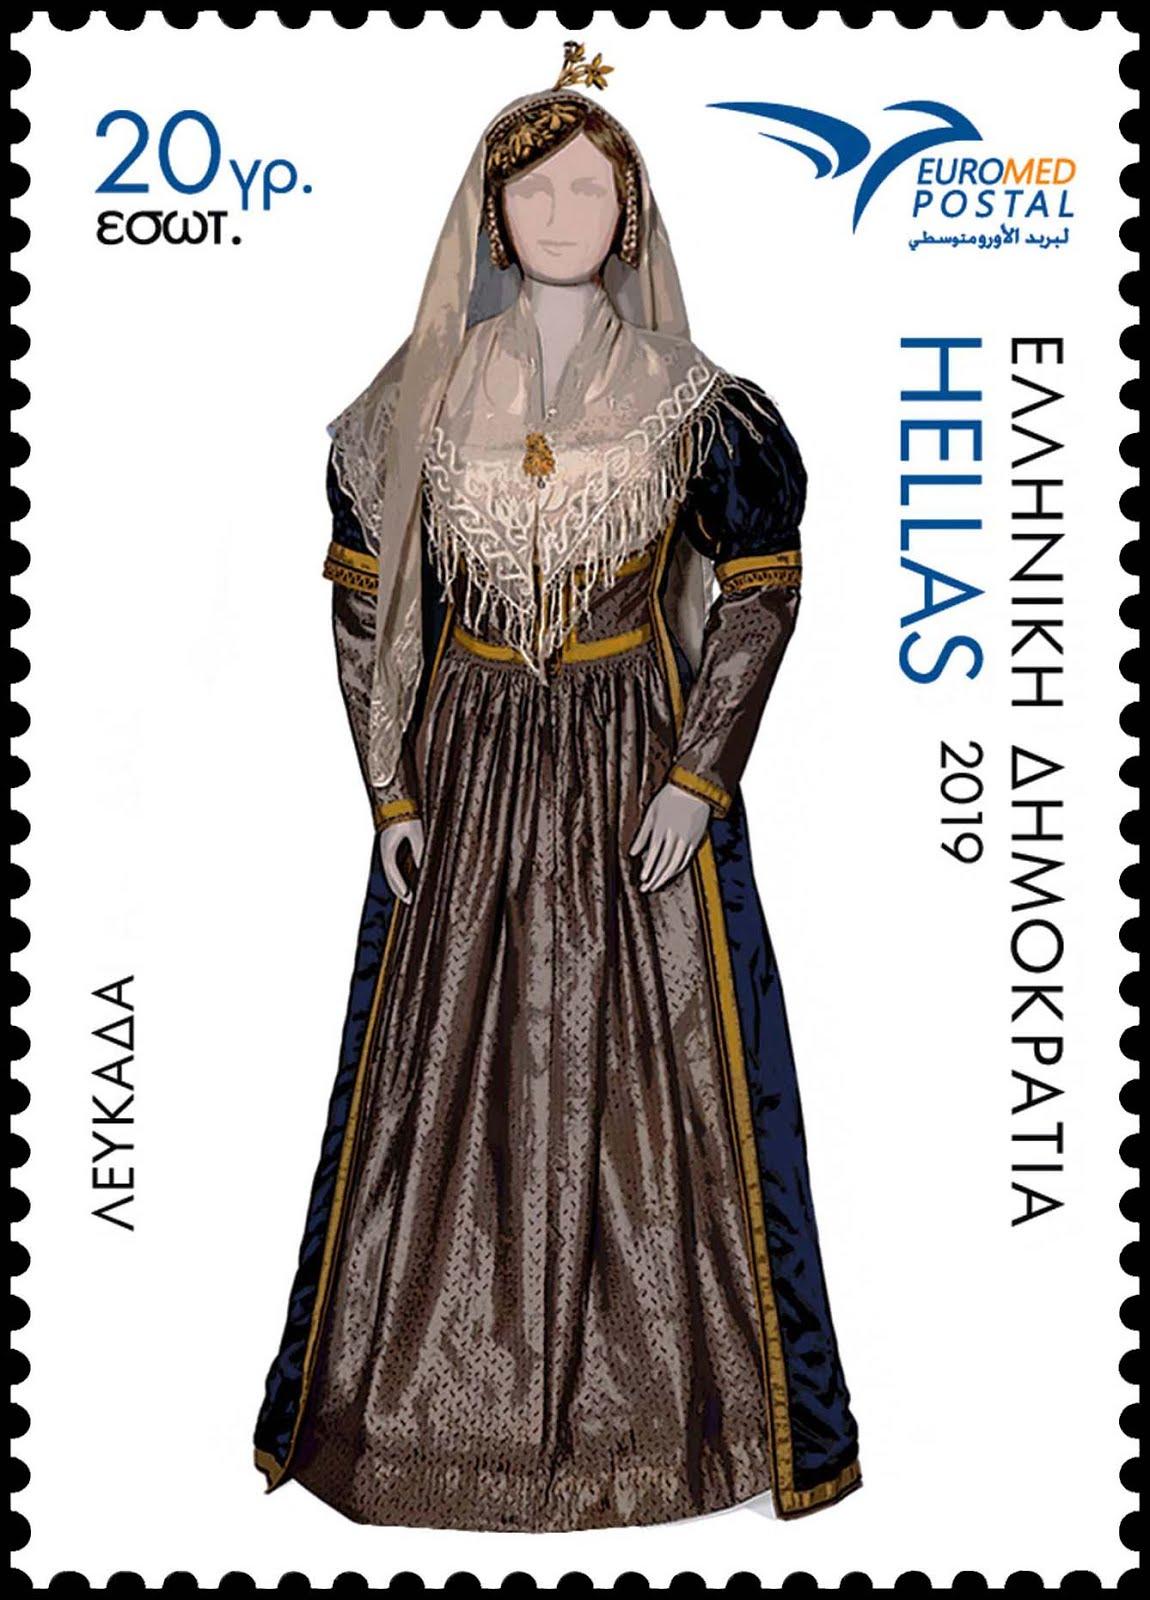 2019 EUROMED Postal -Costumes de Méditerranée ΛΕΥΚΑΔΑ